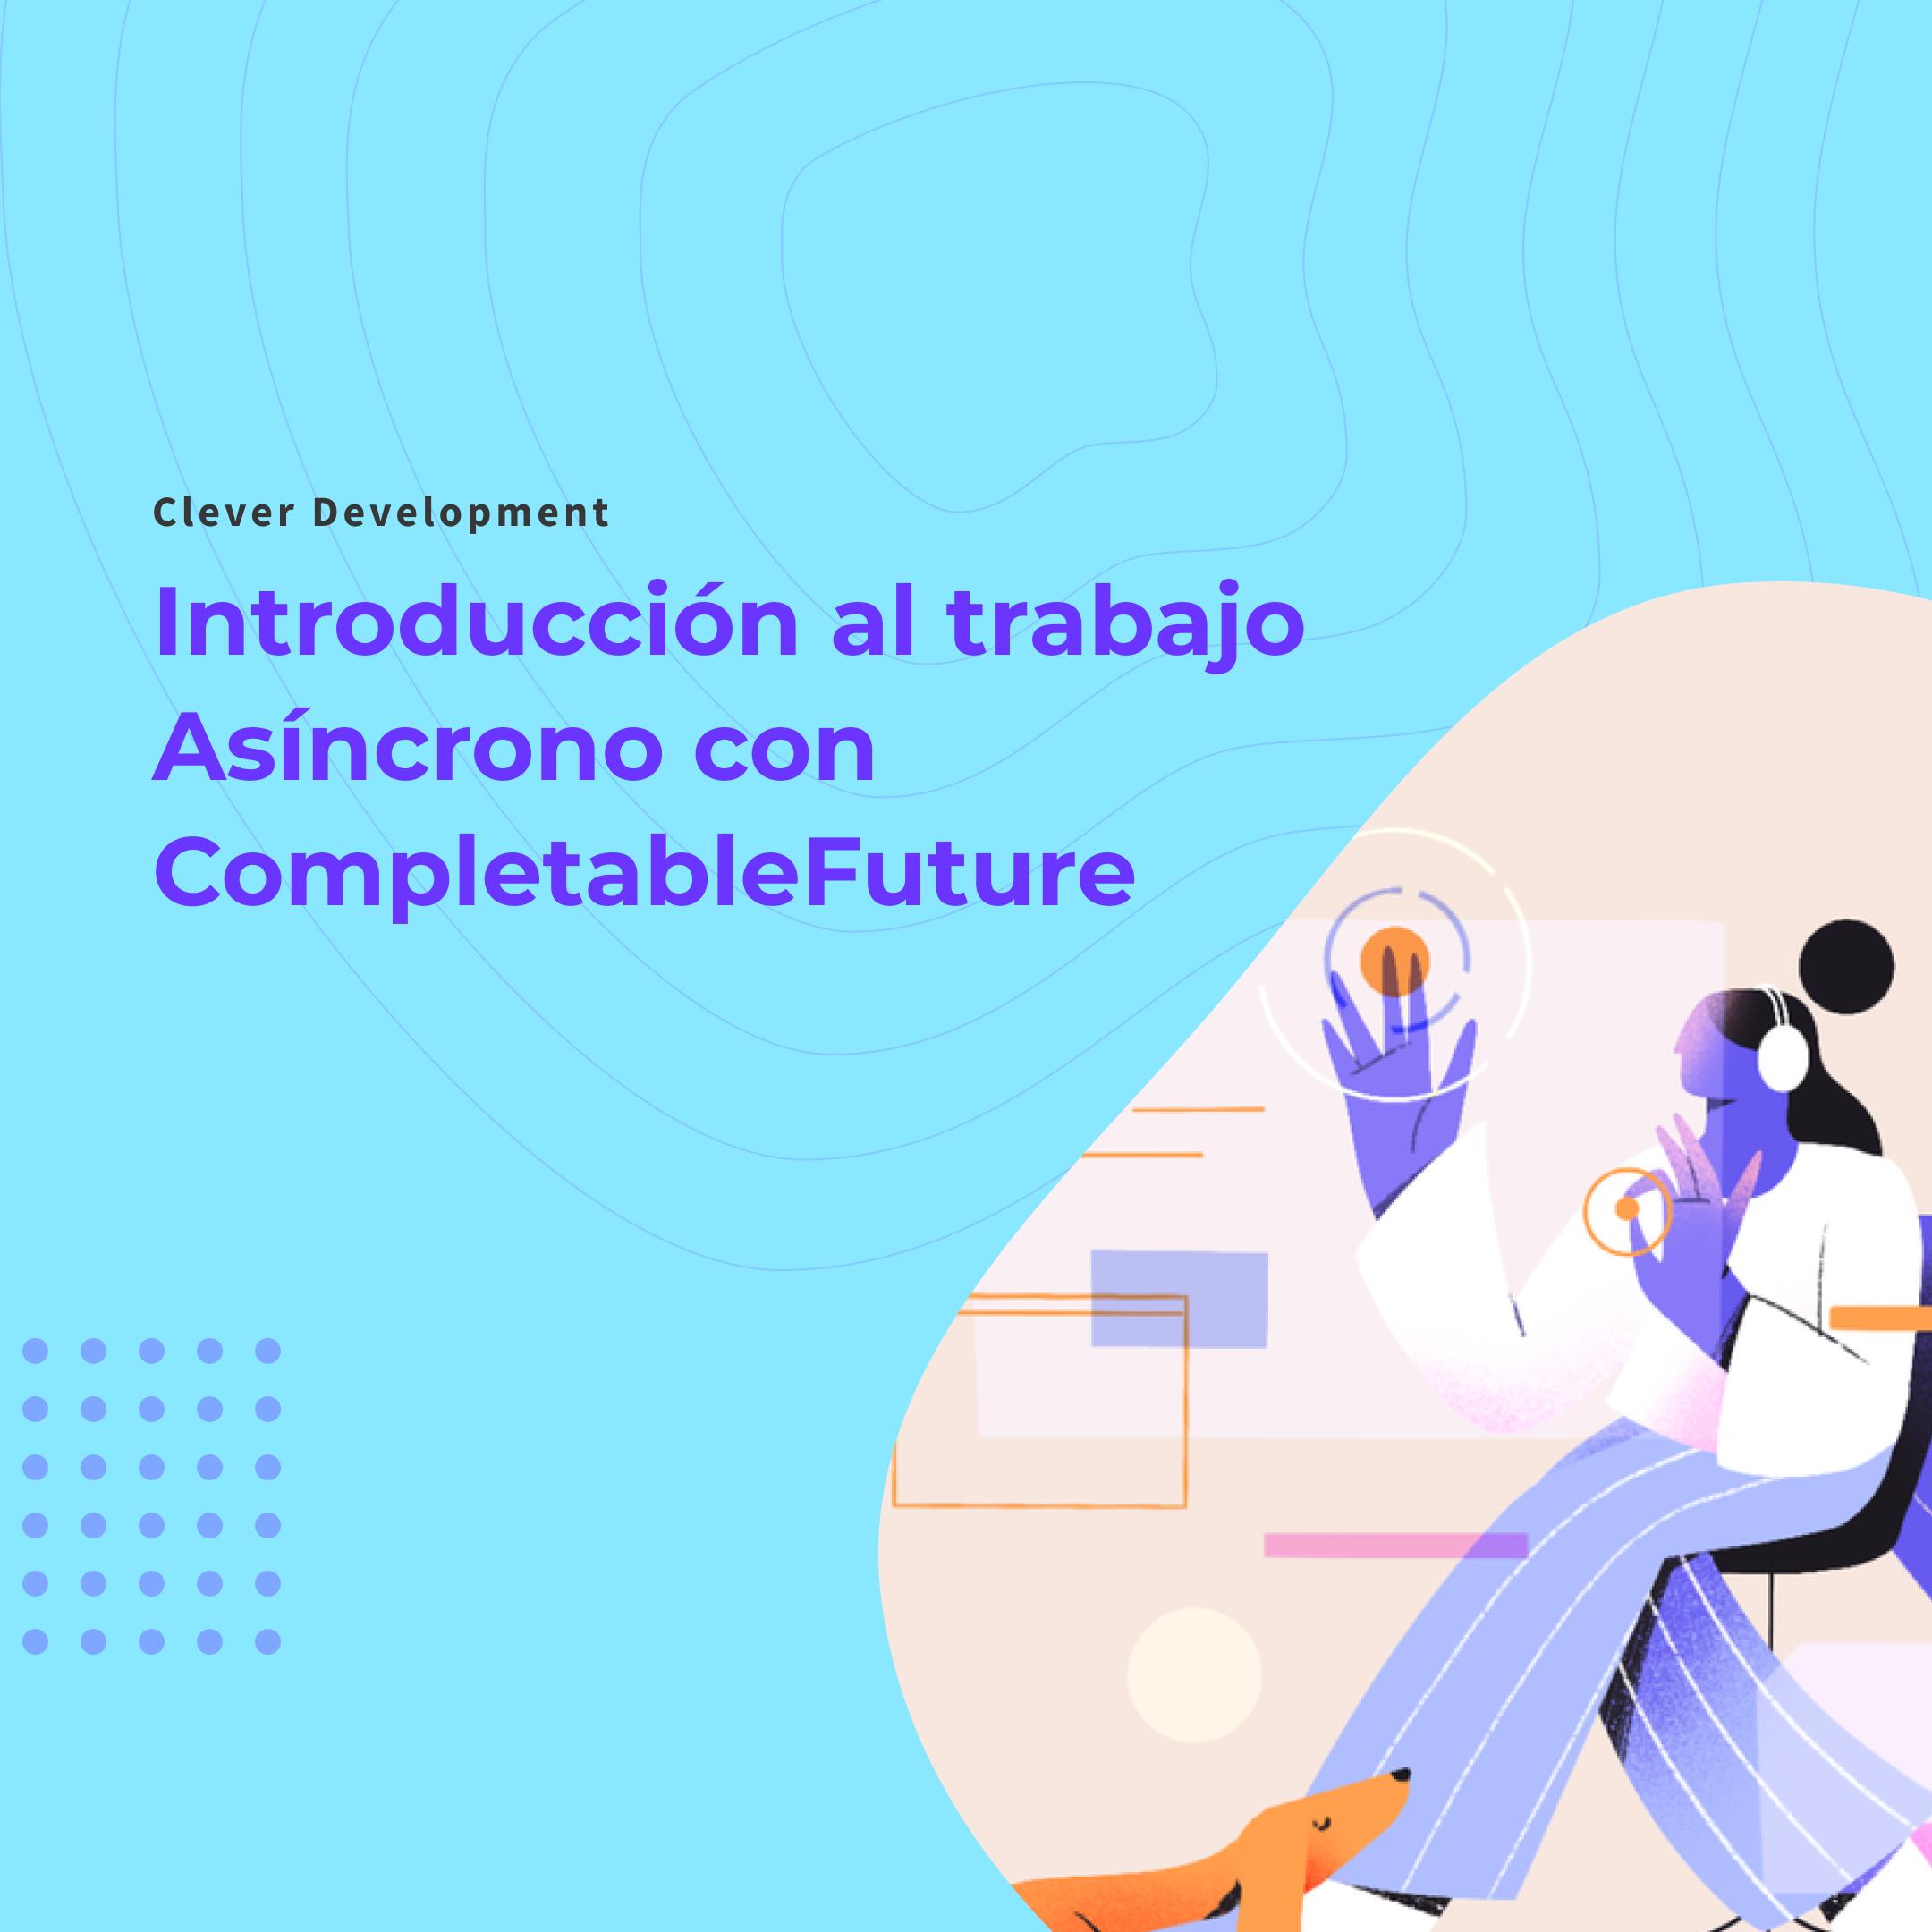 Introducción al trabajo Asíncrono con CompletableFuture